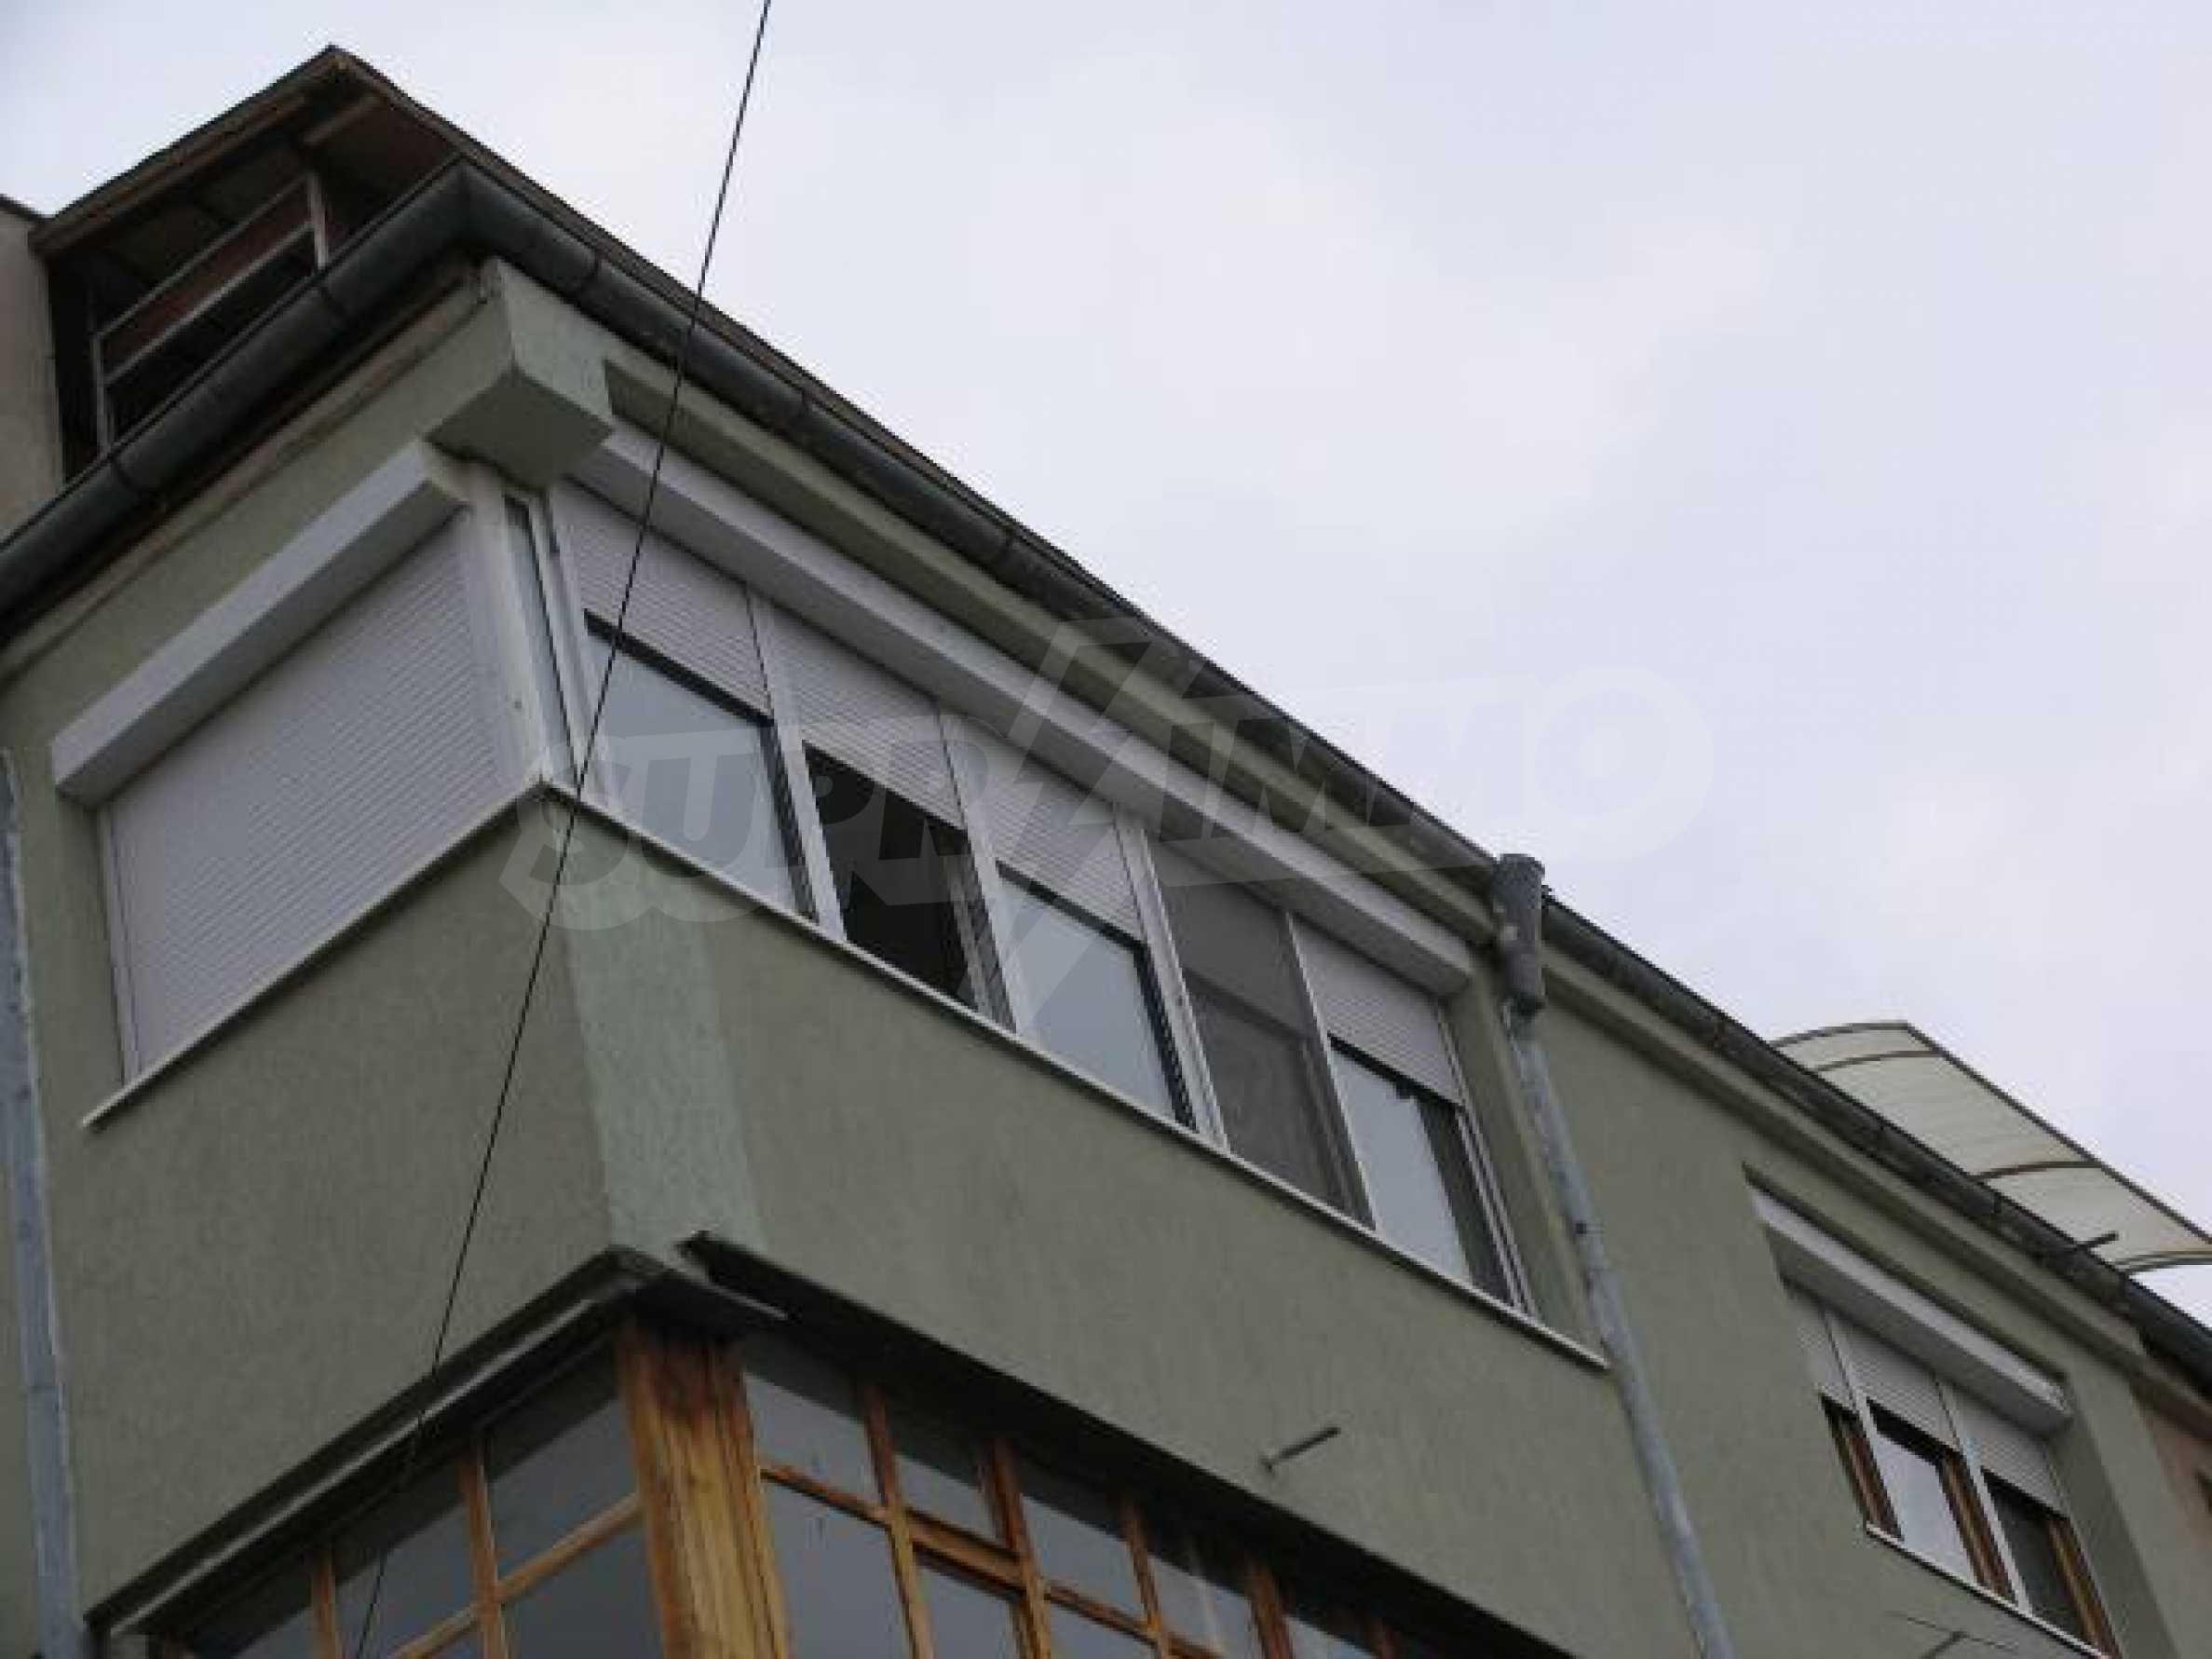 Тристаен апартамент в идеалния център на гр. Добрич 2